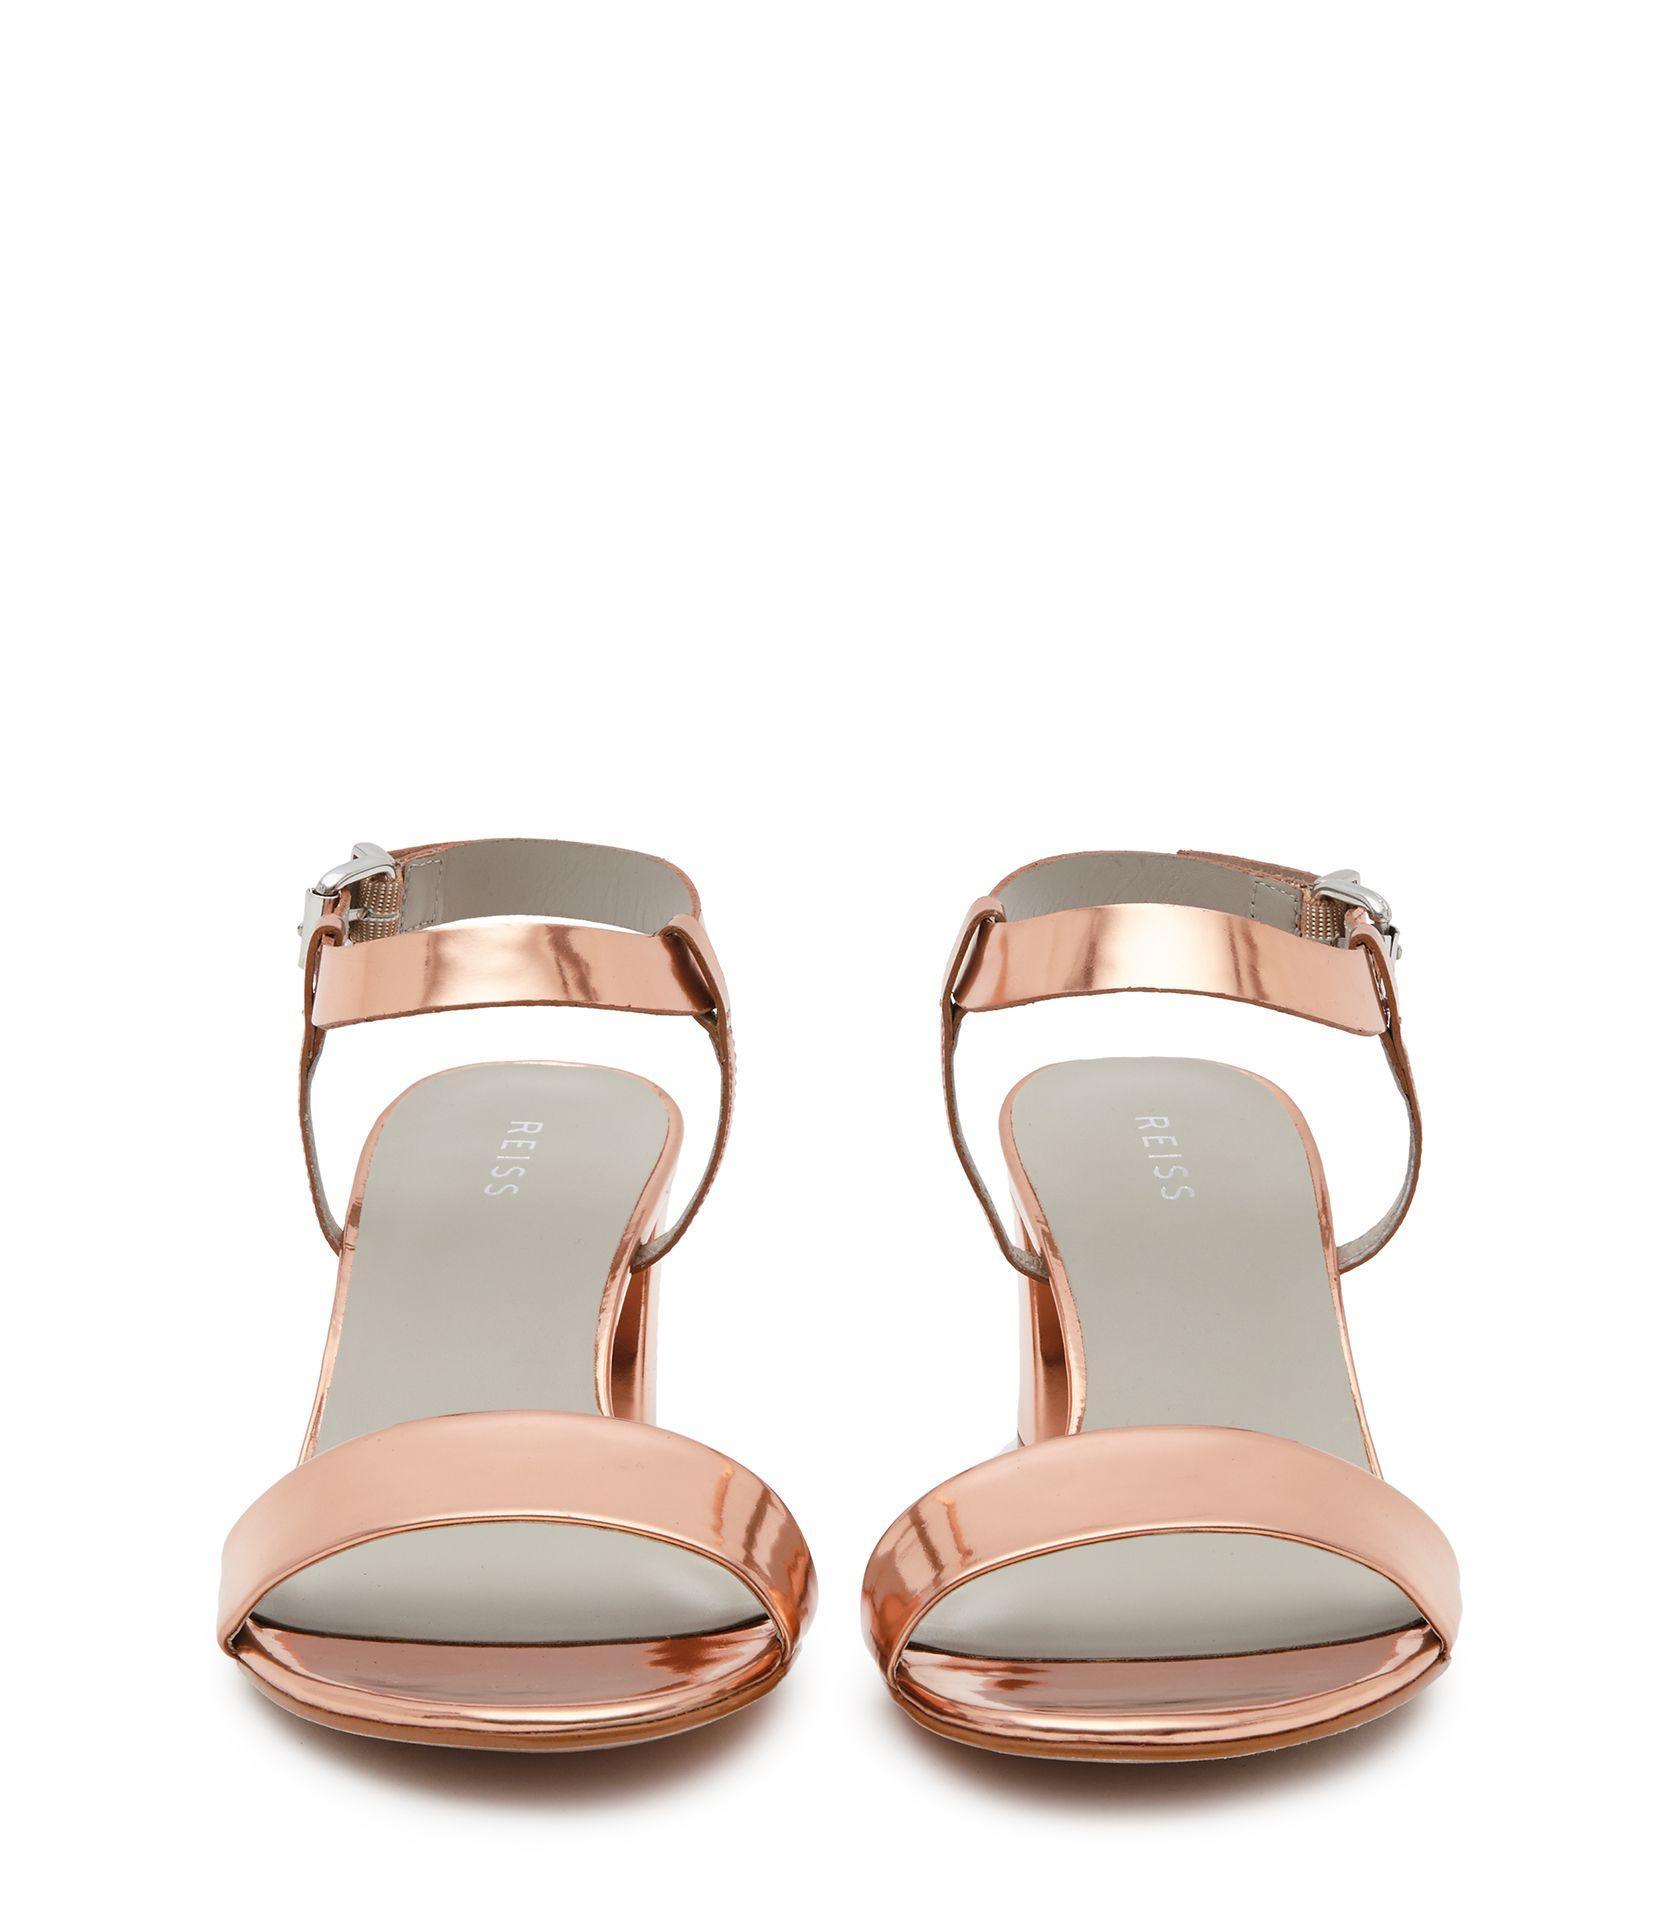 Womens sandals mid heel - Womens Rose Gold Block Mid Heel Sandals Reiss Vivi